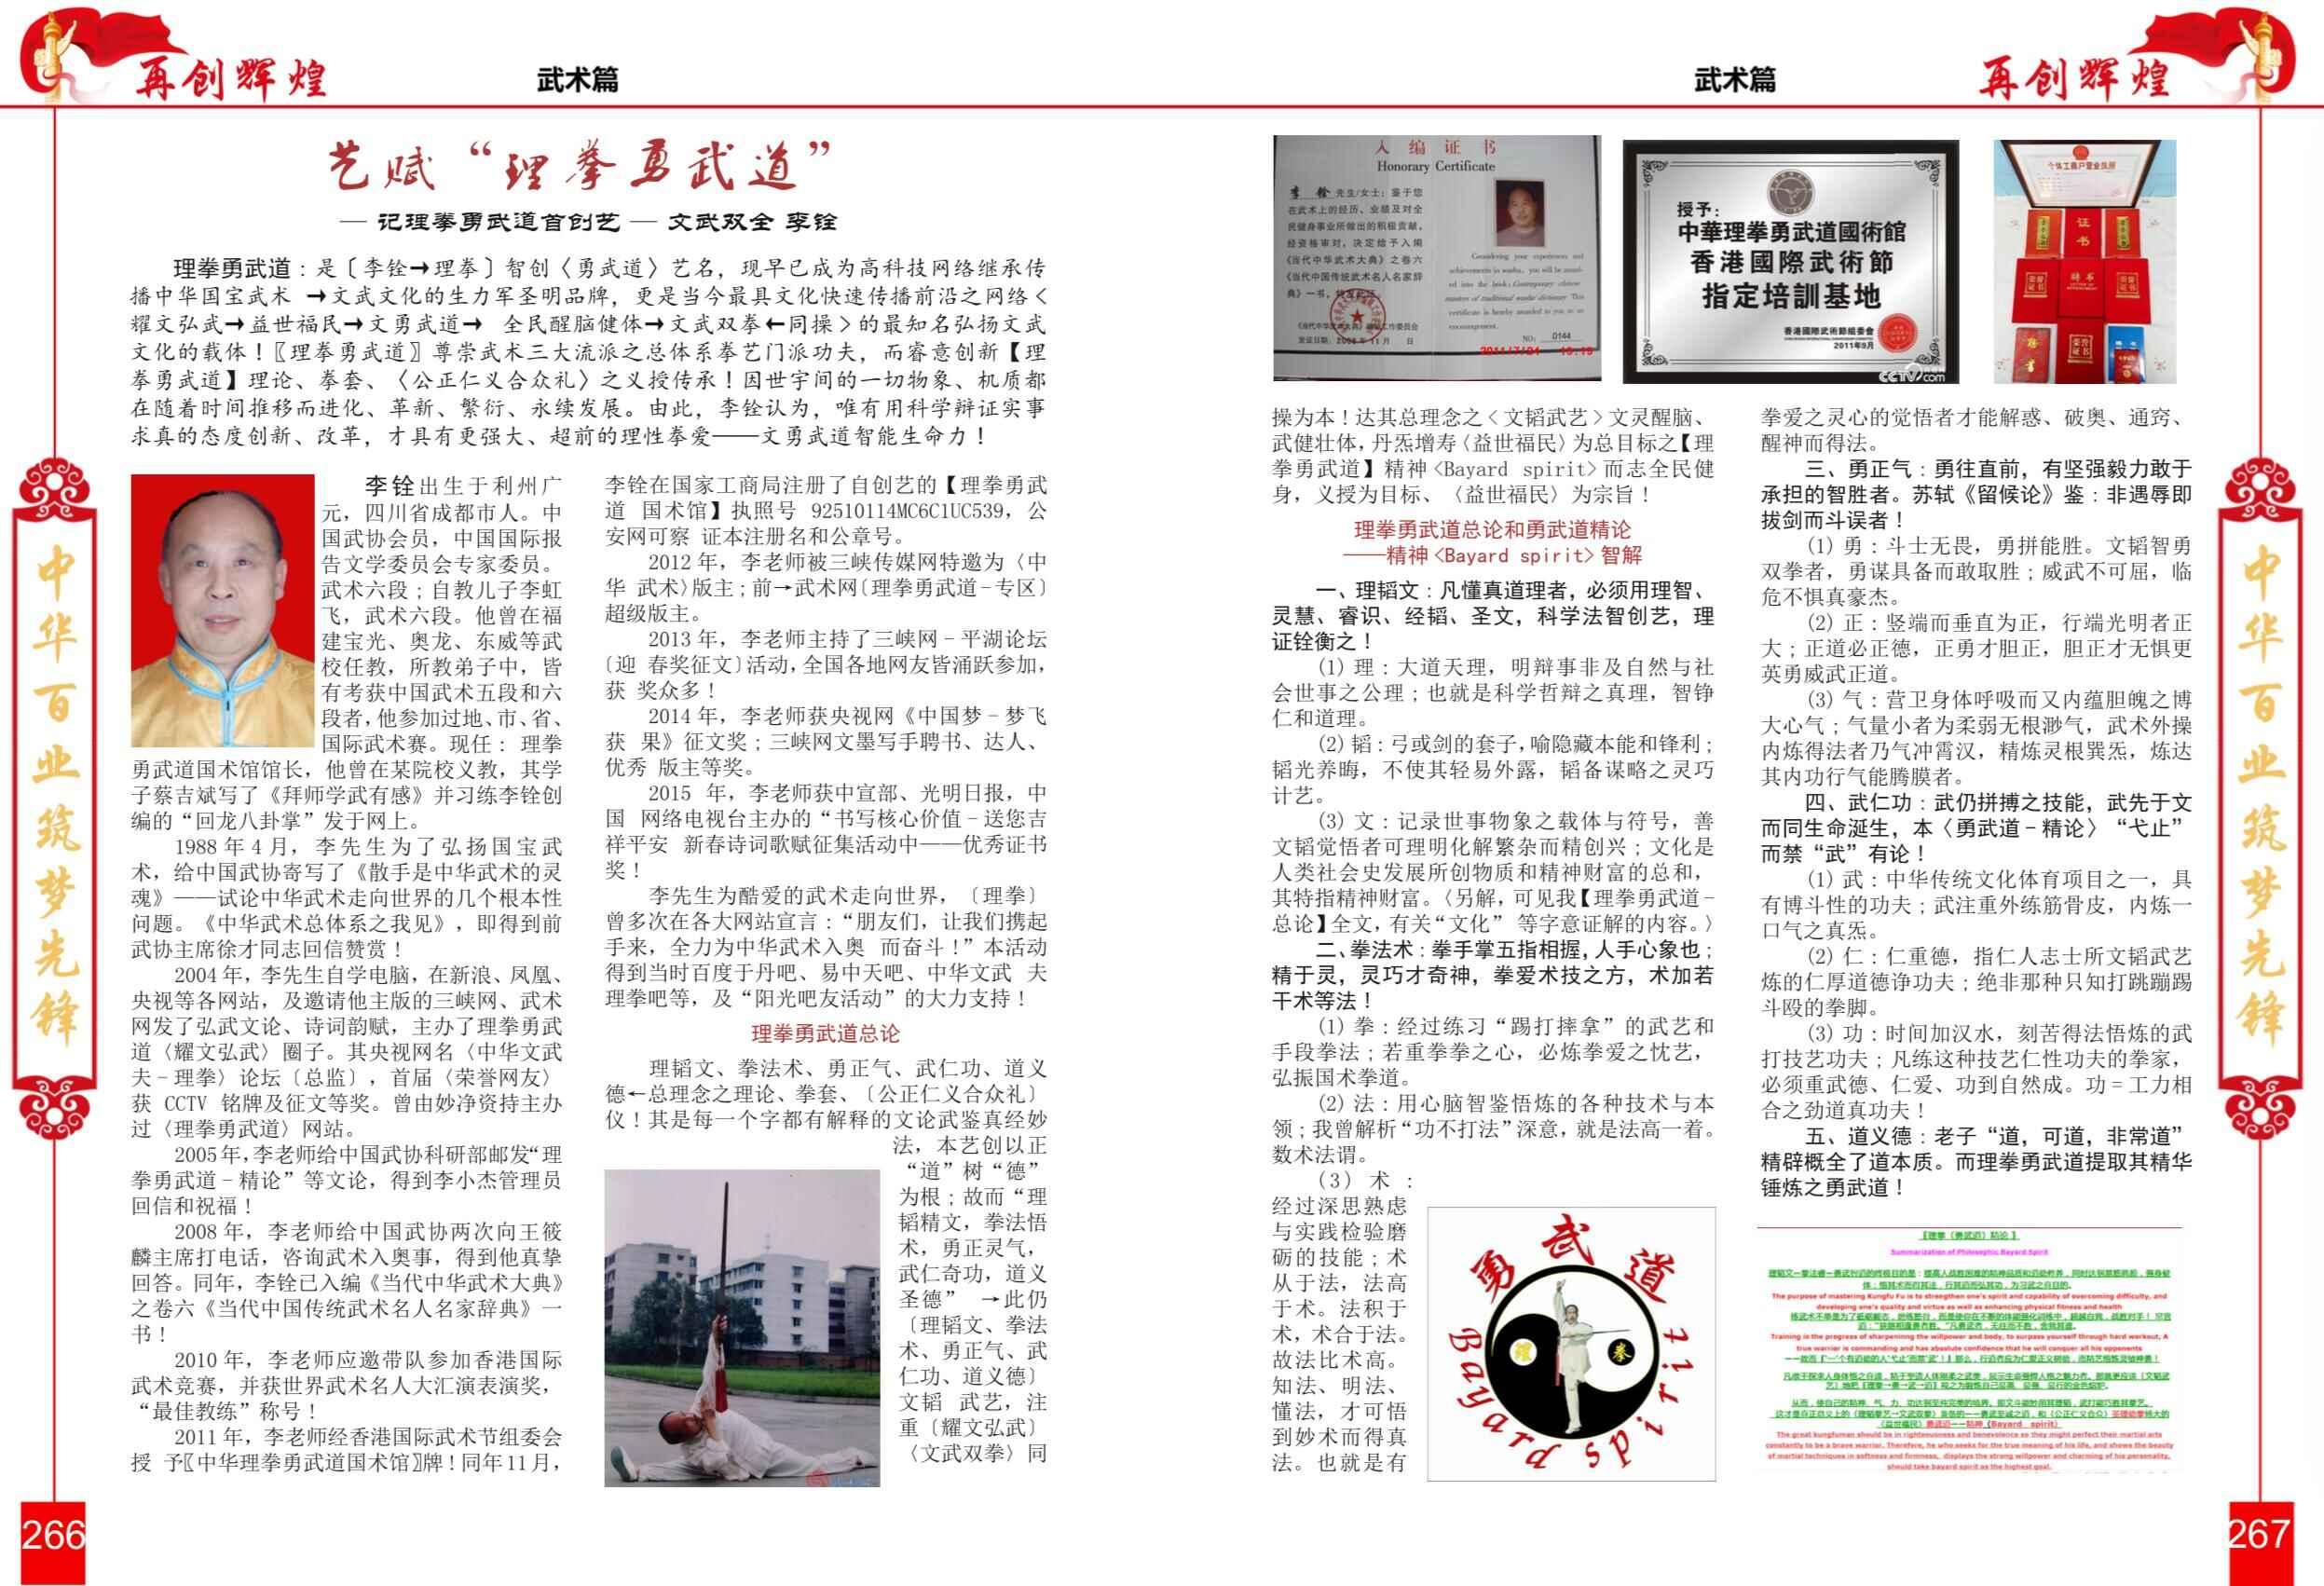 ★中国文化传承委员会新发编辑资审阅稿新四审图片20180712112942.jpg